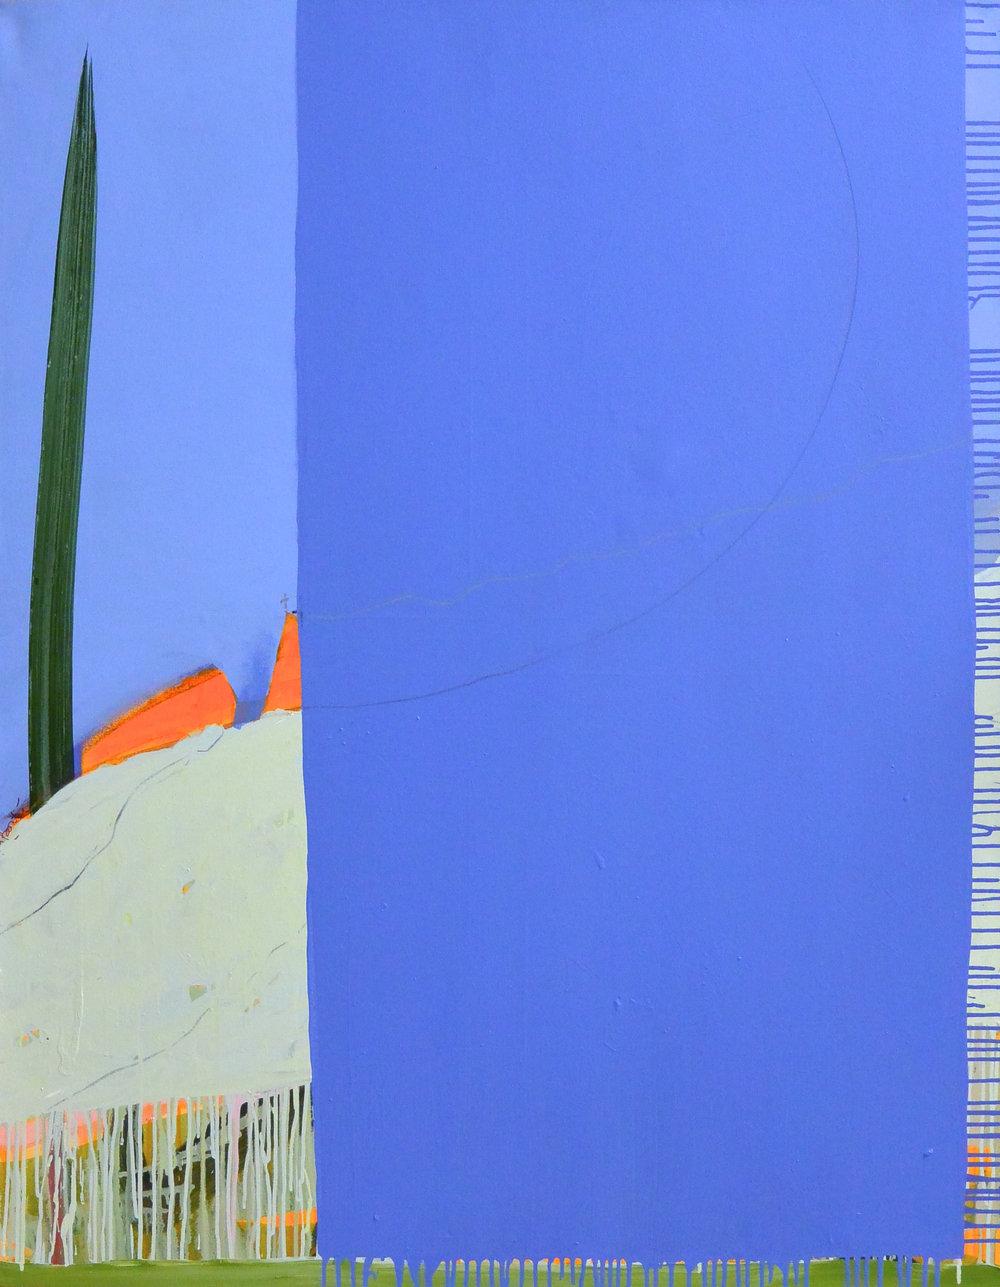 A bloc IV 2 2015 acrylique et crayon sur toile 146 x 114 cm